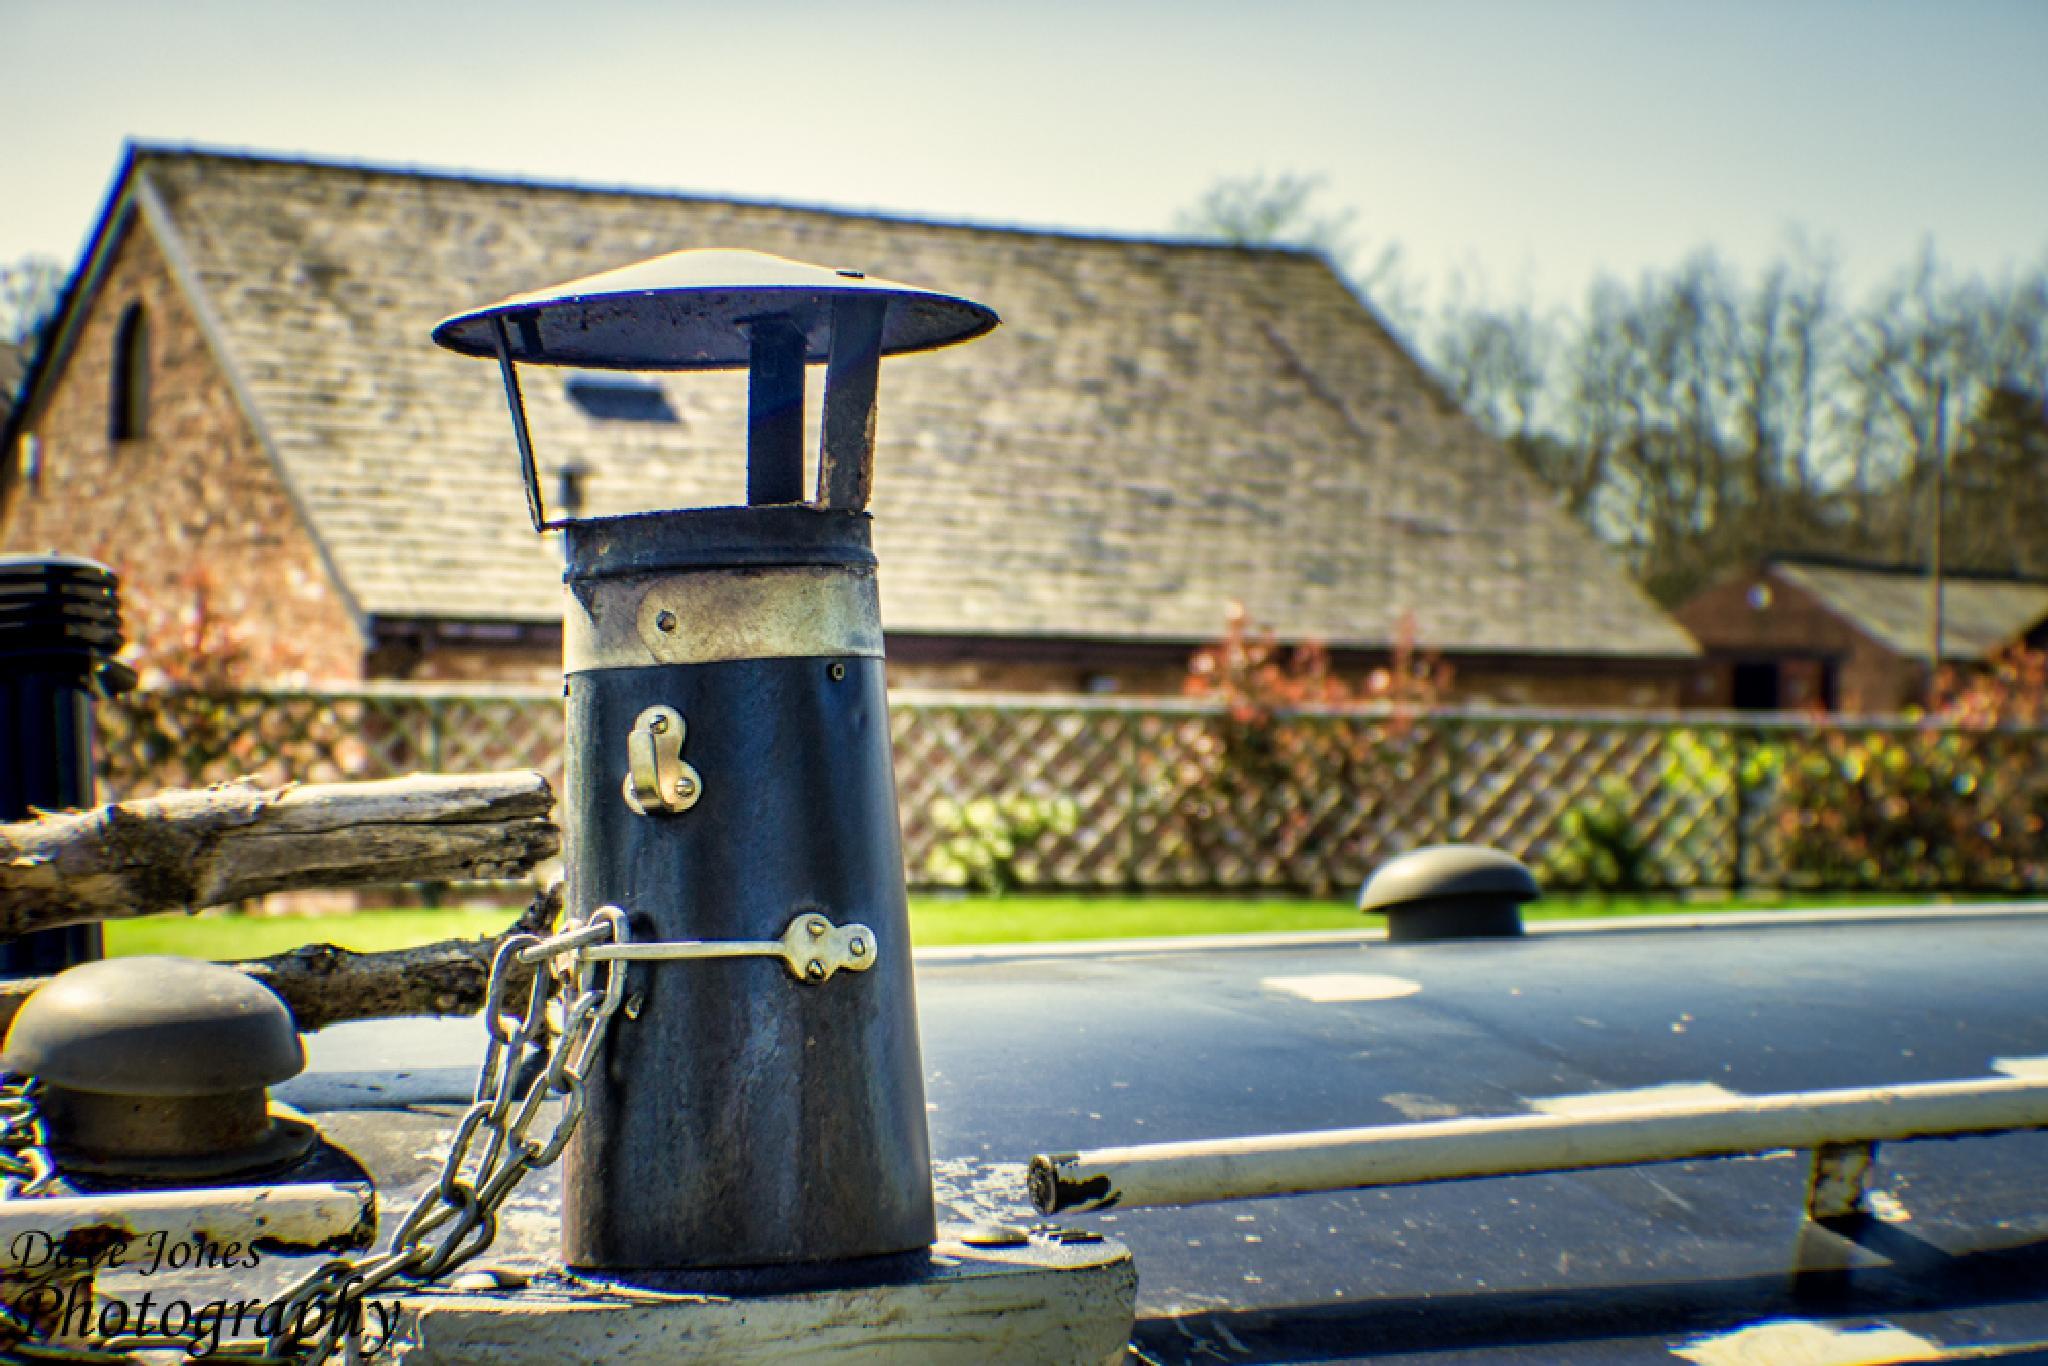 chimne stack by DaveJonesPhotography